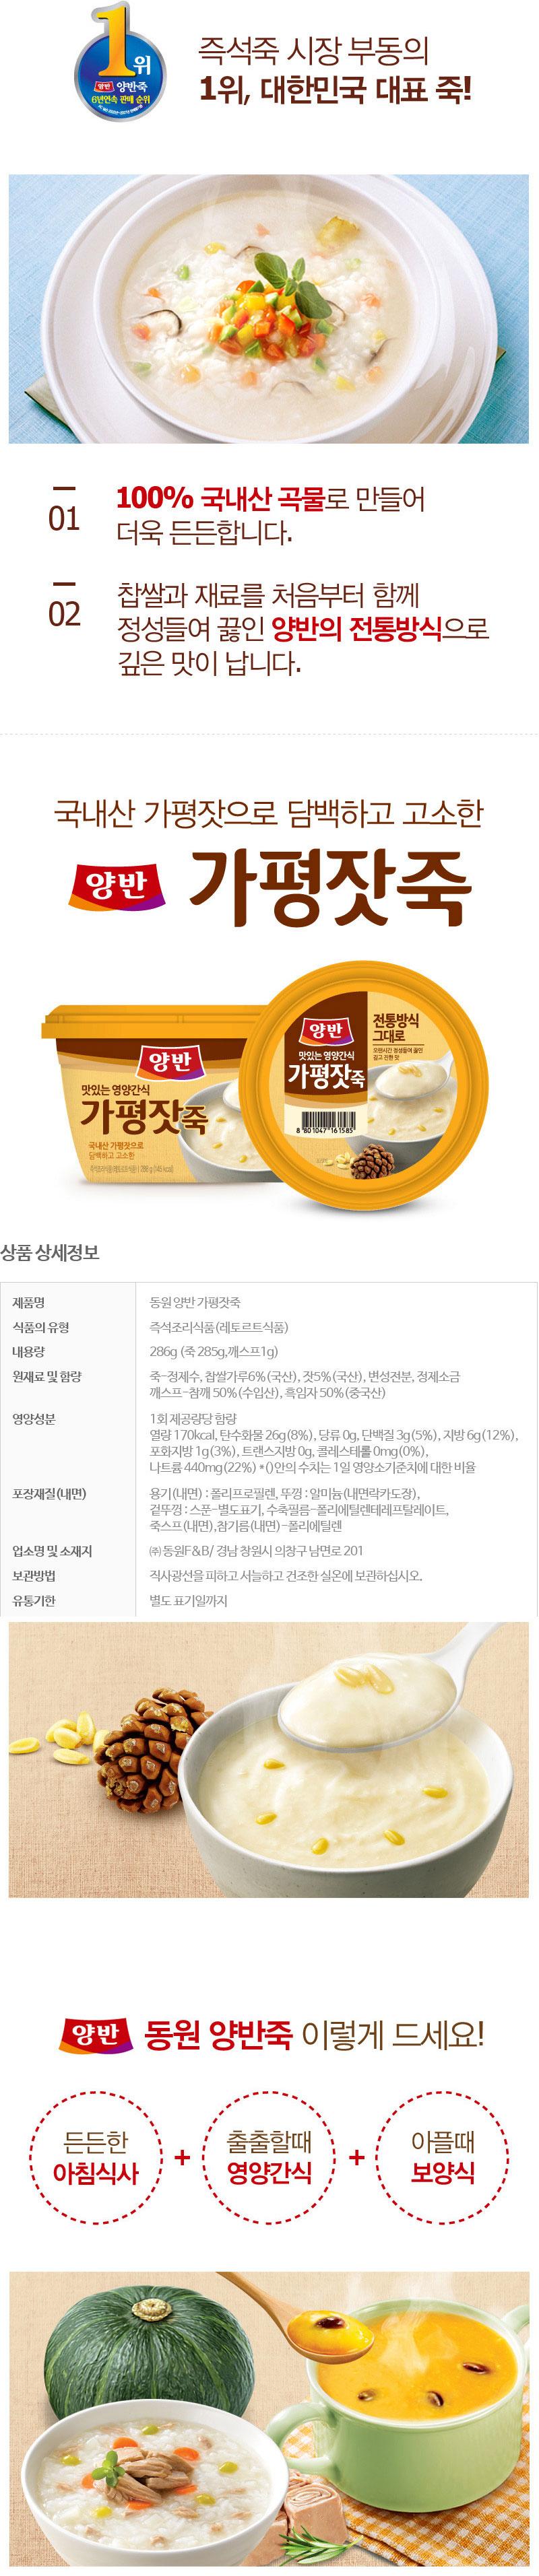 Rice Porridge With Pine Nuts 10.16oz(288g)